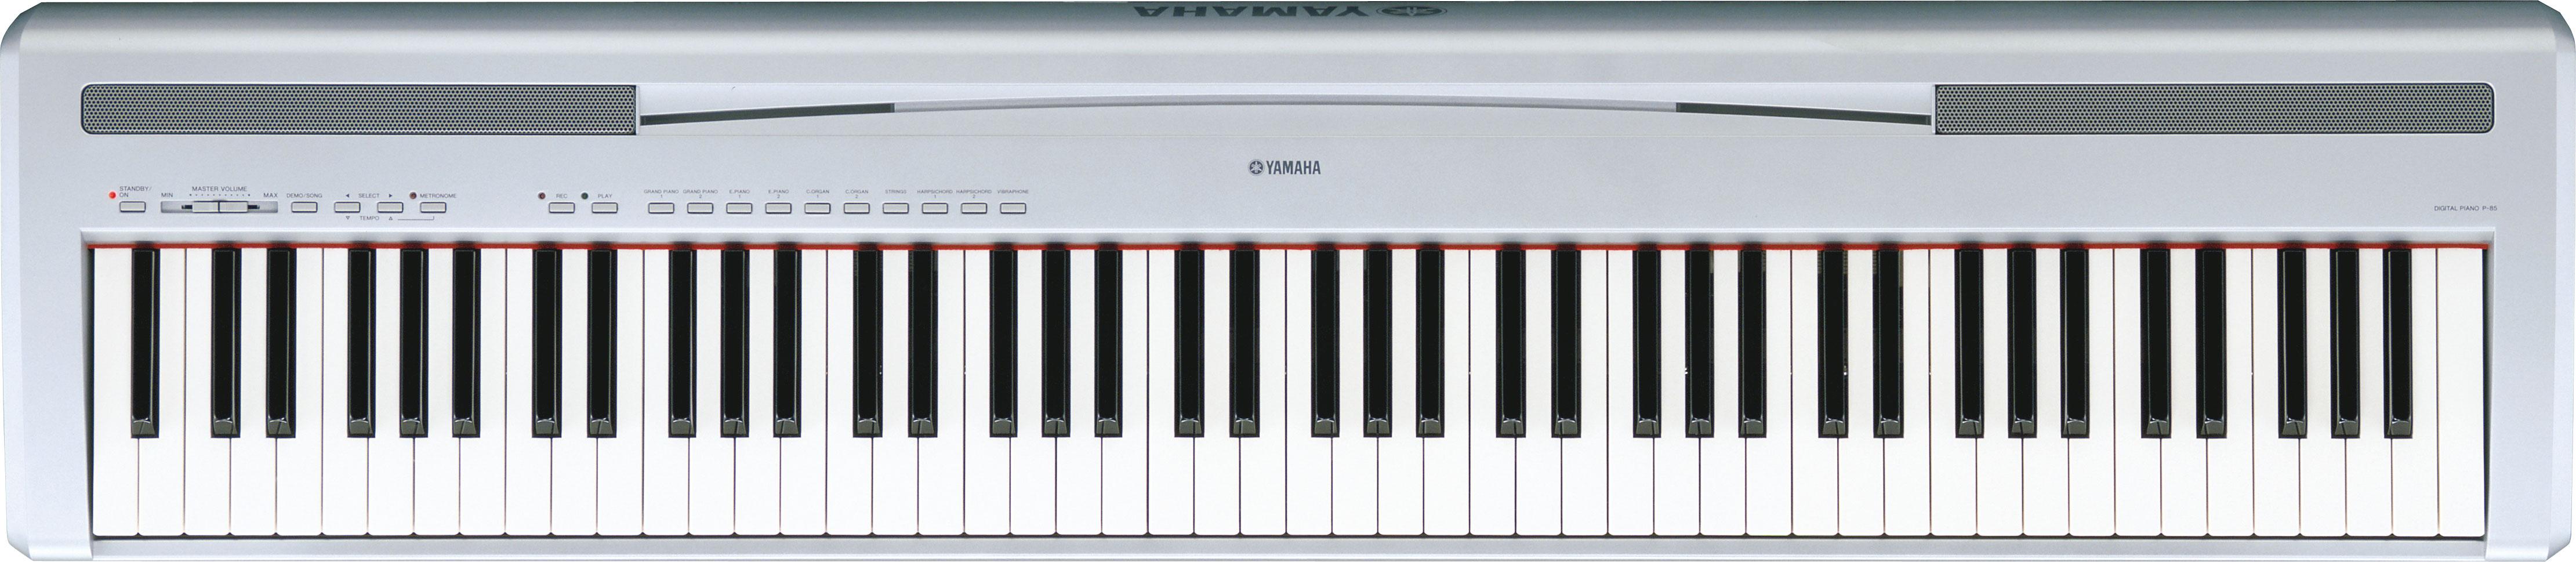 供应正品雅马哈电钢琴 p85 p85s p-85 数码钢琴 88键